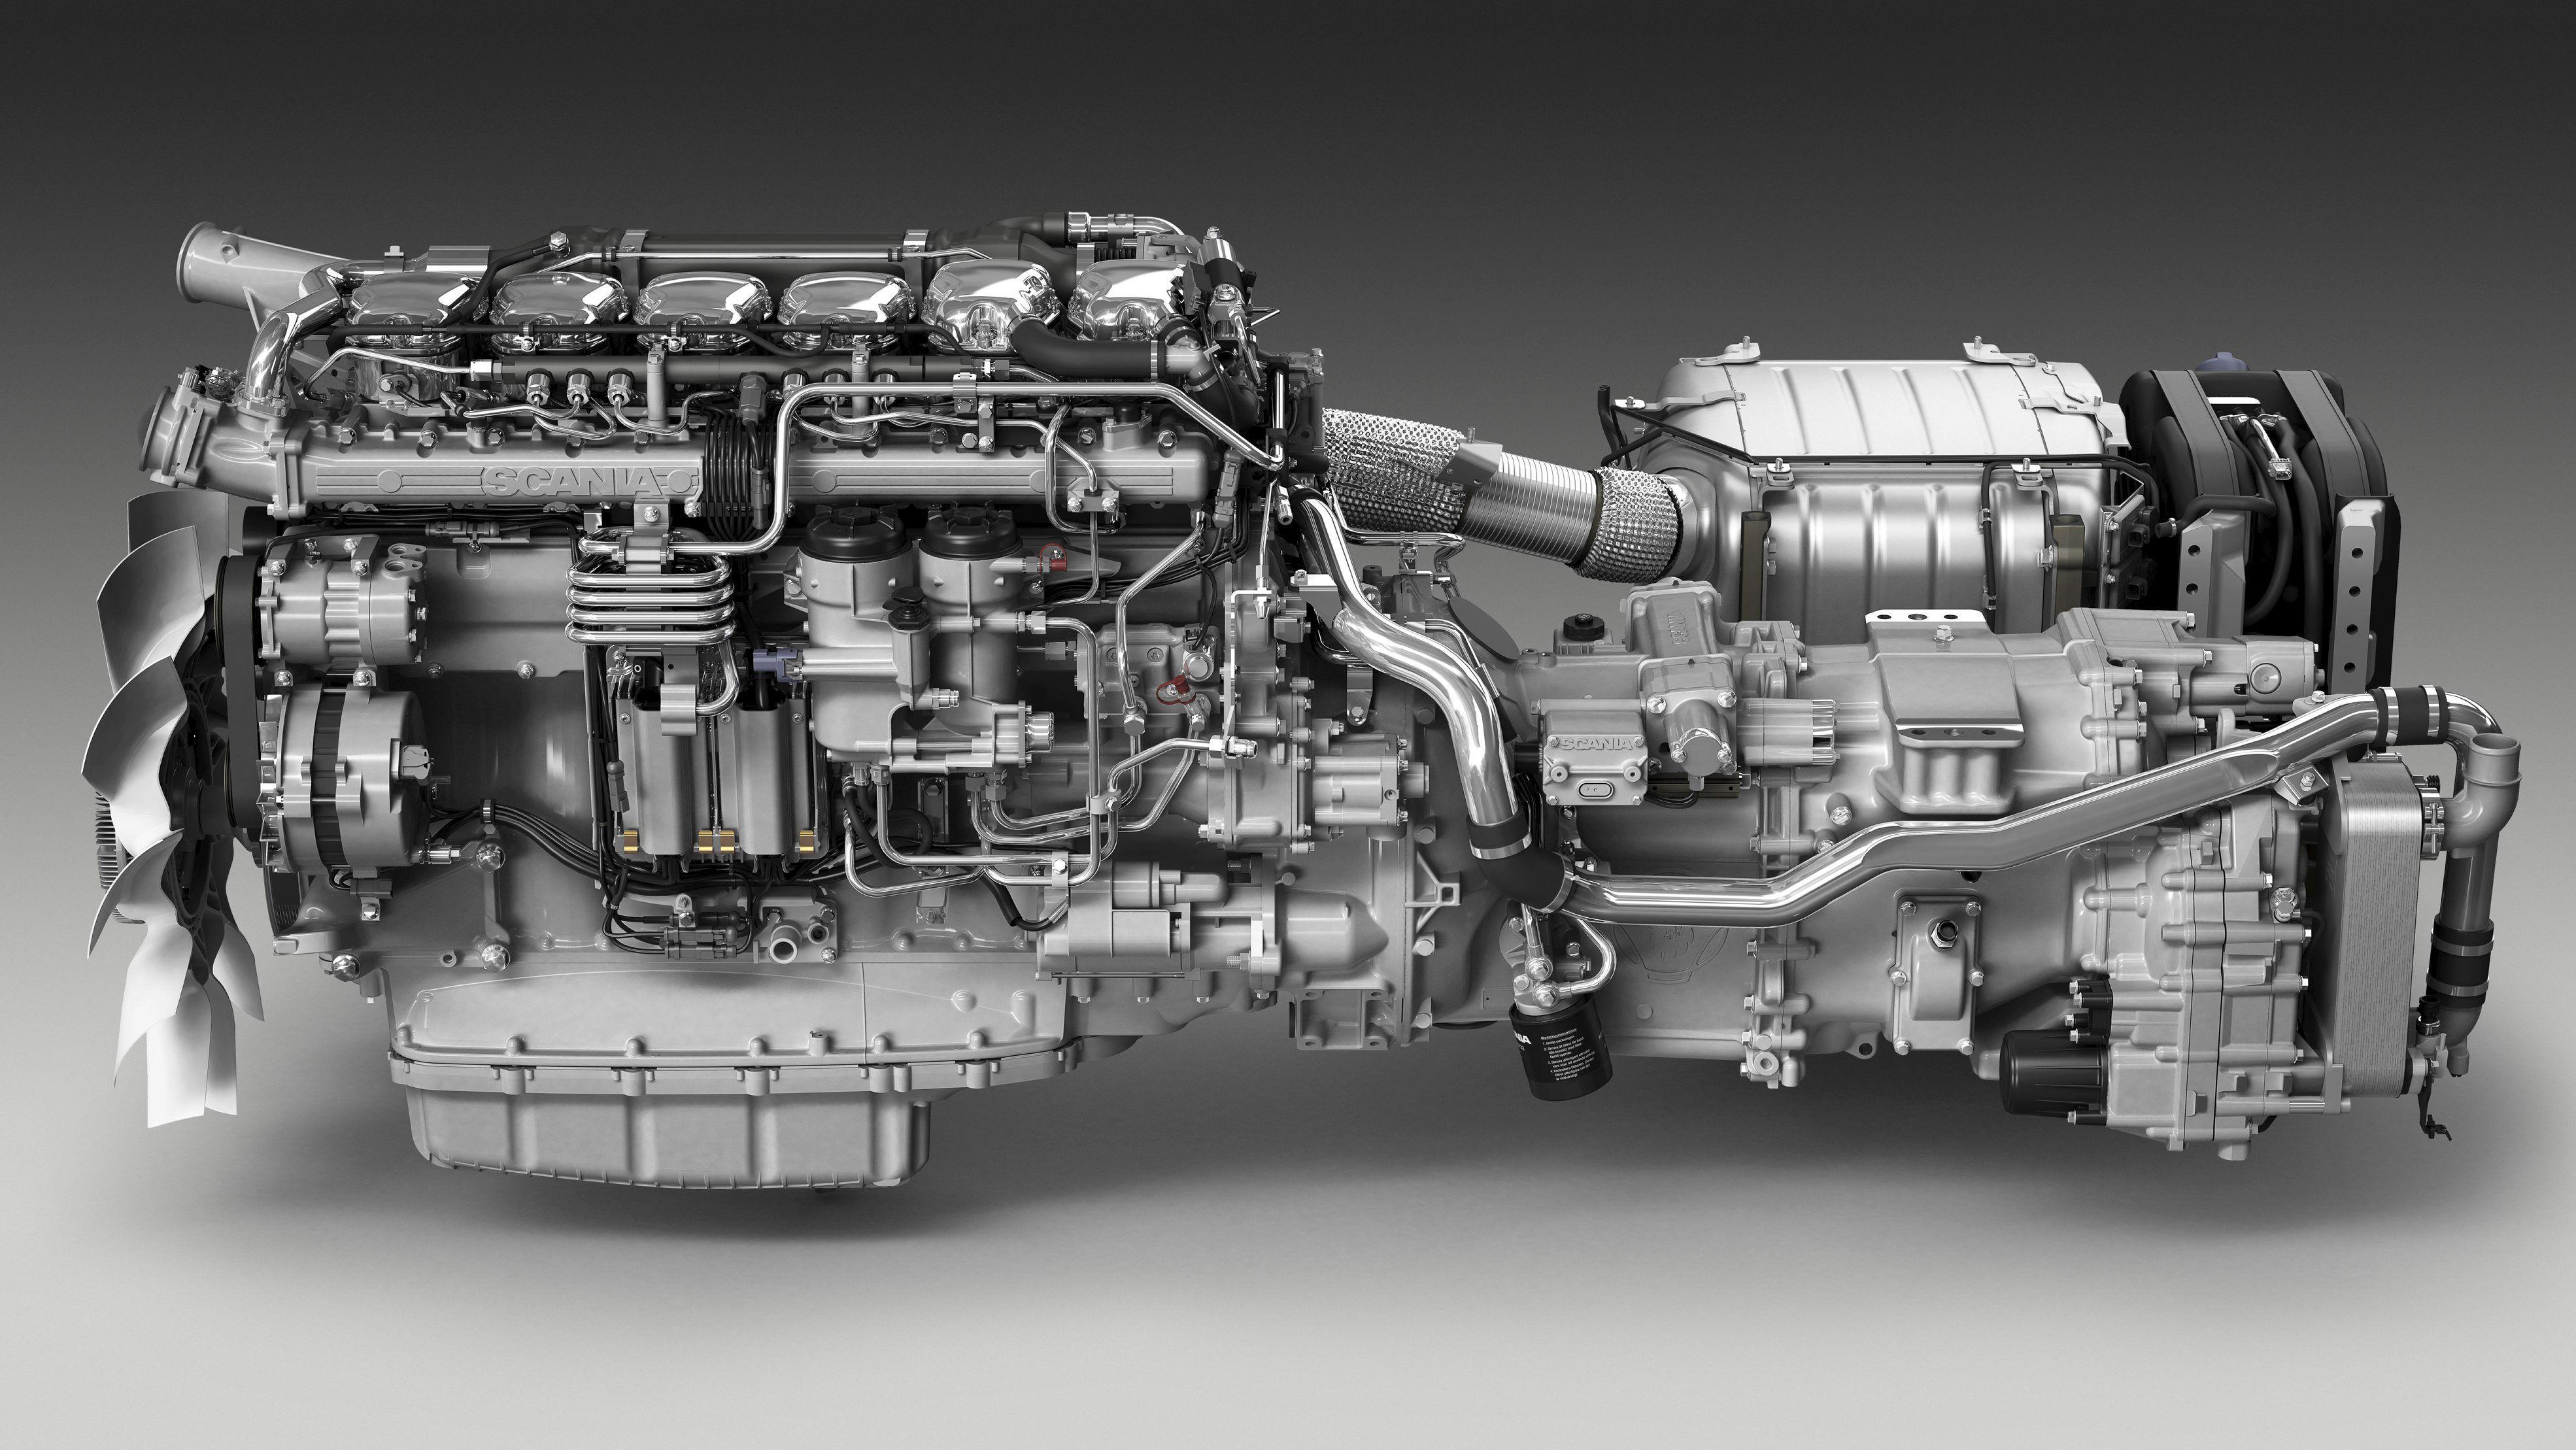 NEXT GEN SCANIA S AND R NEW V8 ENGINE SOUND 1 35 MOD -Euro